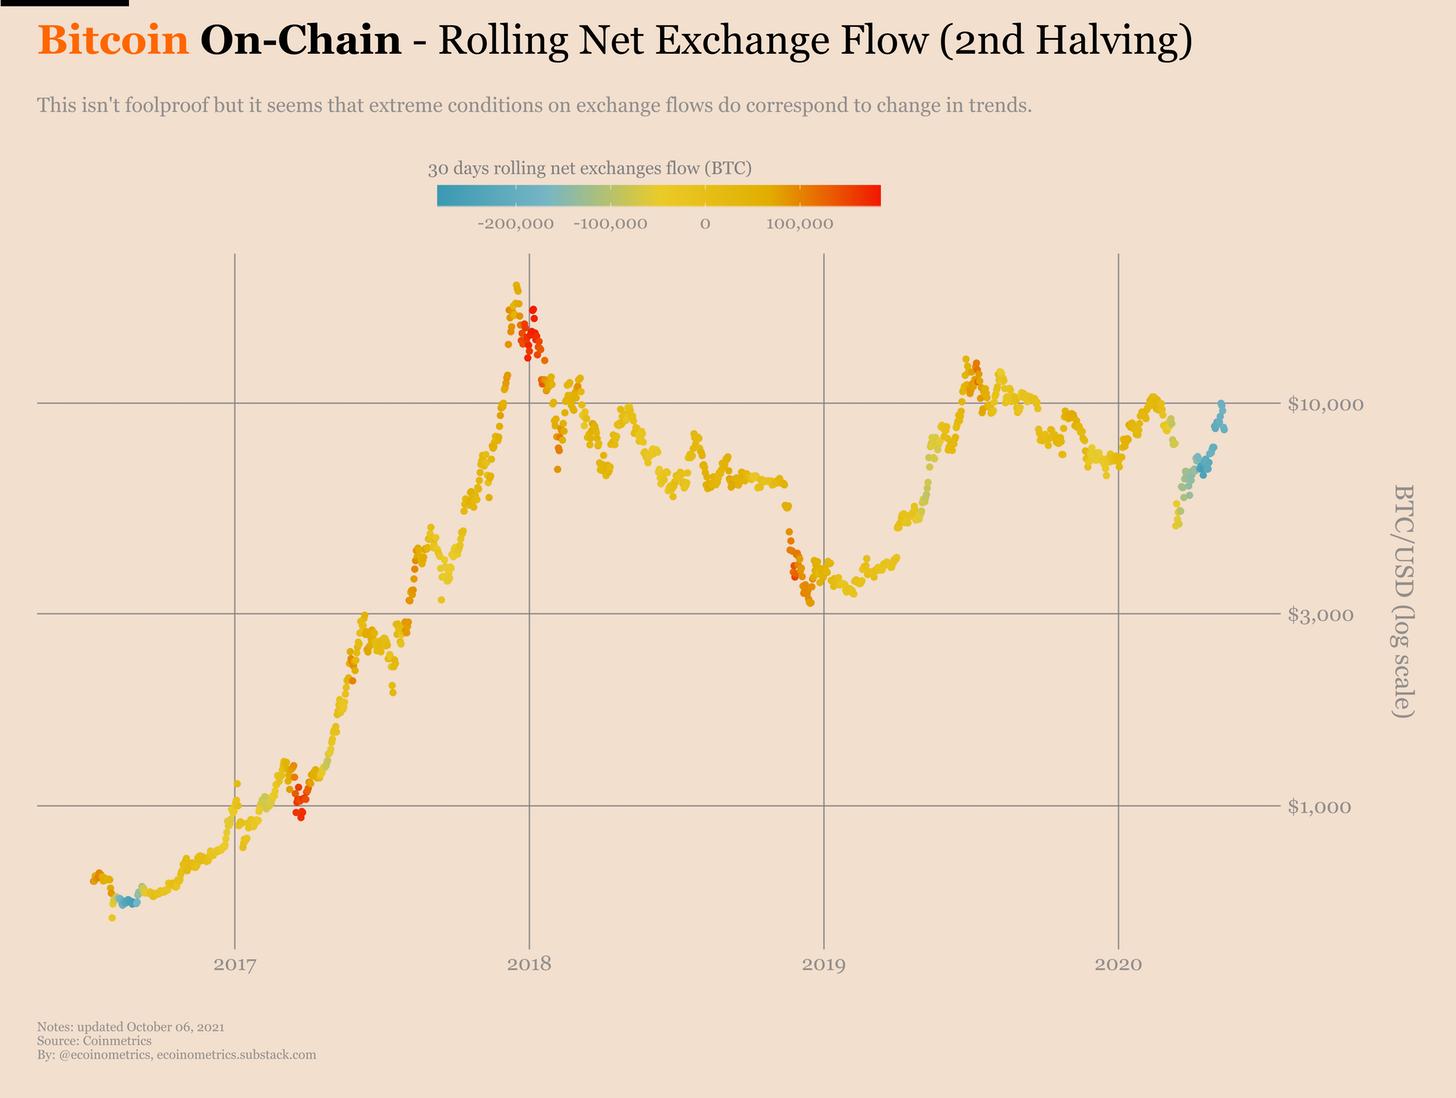 Afflusso netto di Bitcoin su exchange (secondo halving vs. terzo)